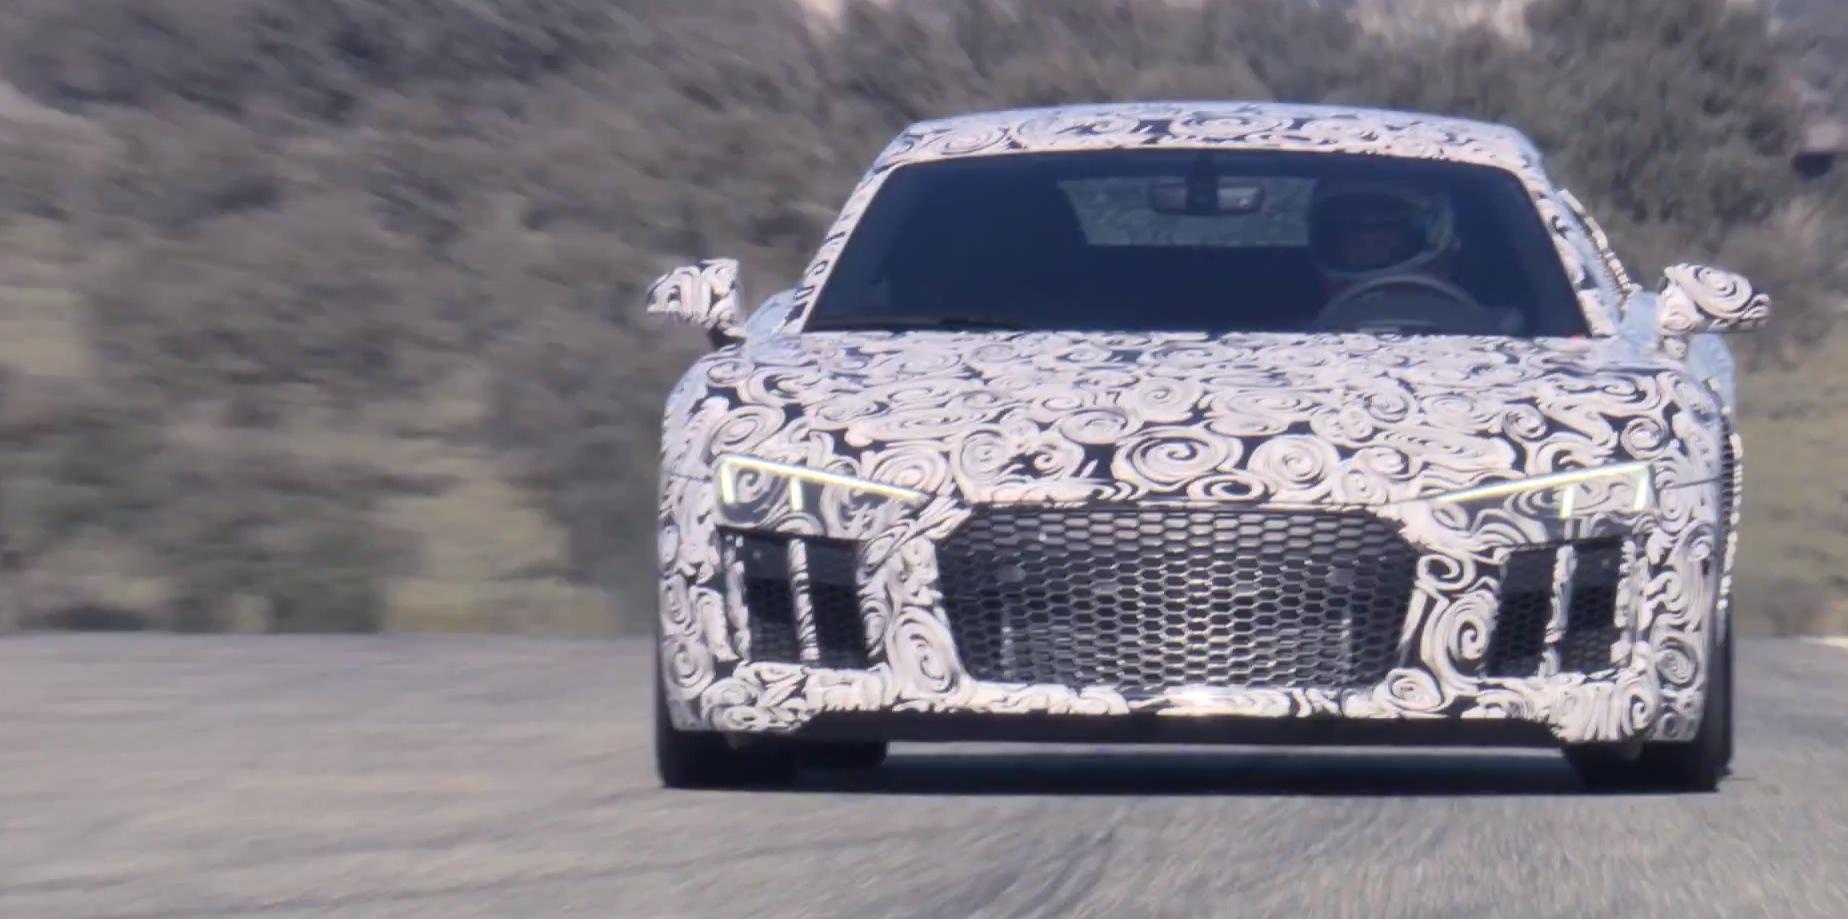 New Audi R8 V10 Plus Sounds Like a Lamborghini, Makes 610 HP ...